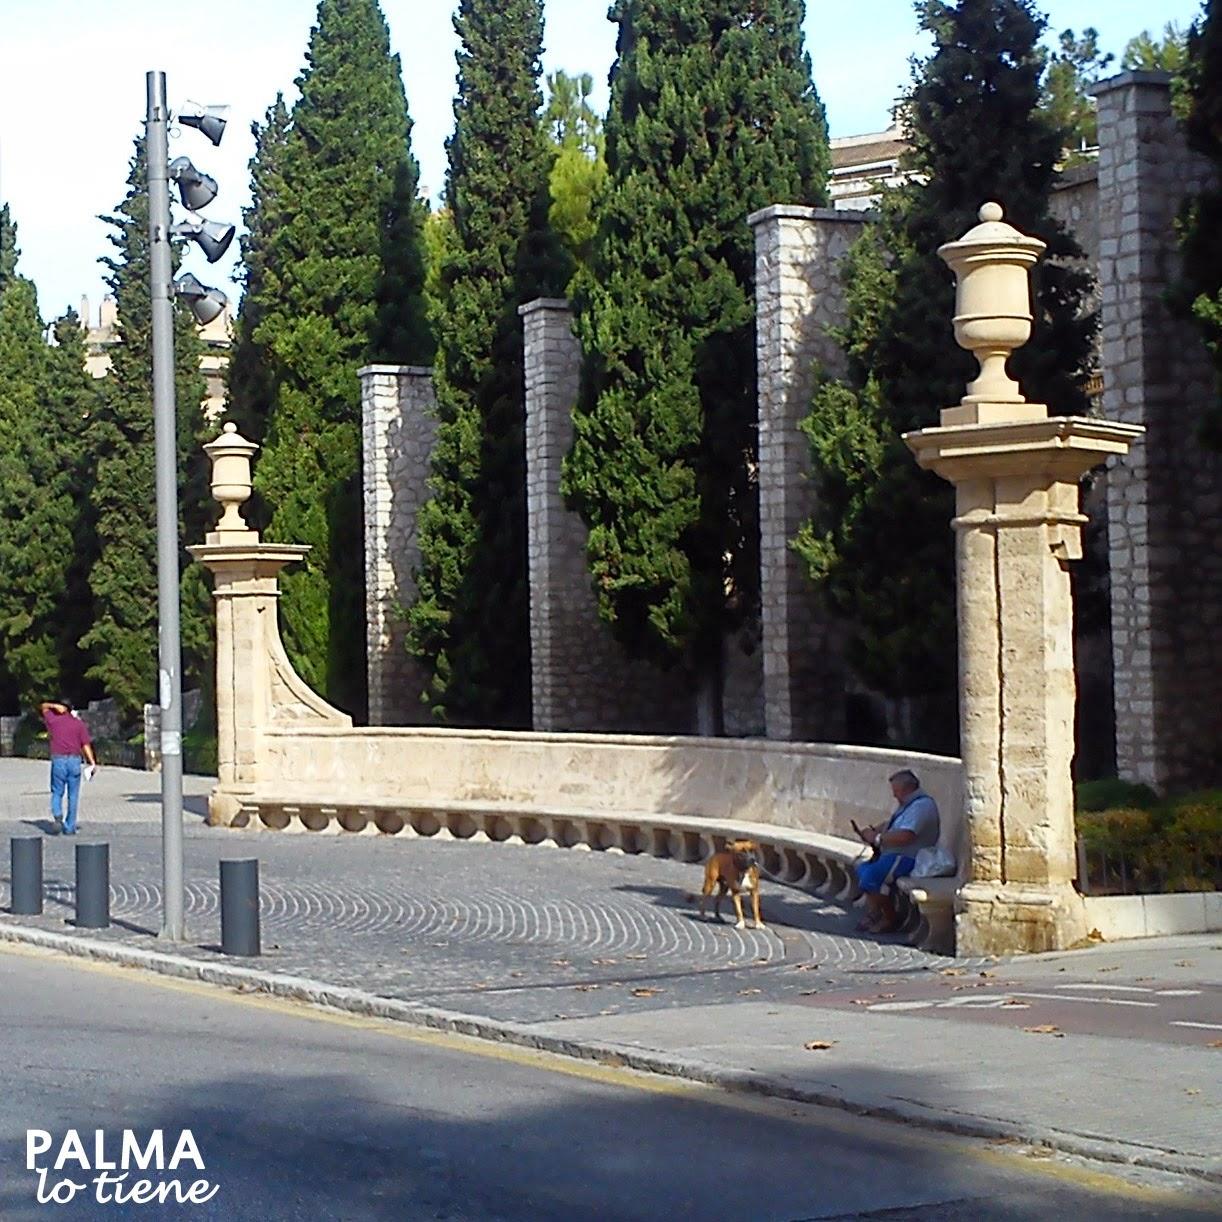 http://palmalotiene.blogspot.com.es/2014/09/ses-quatre-campanes.html